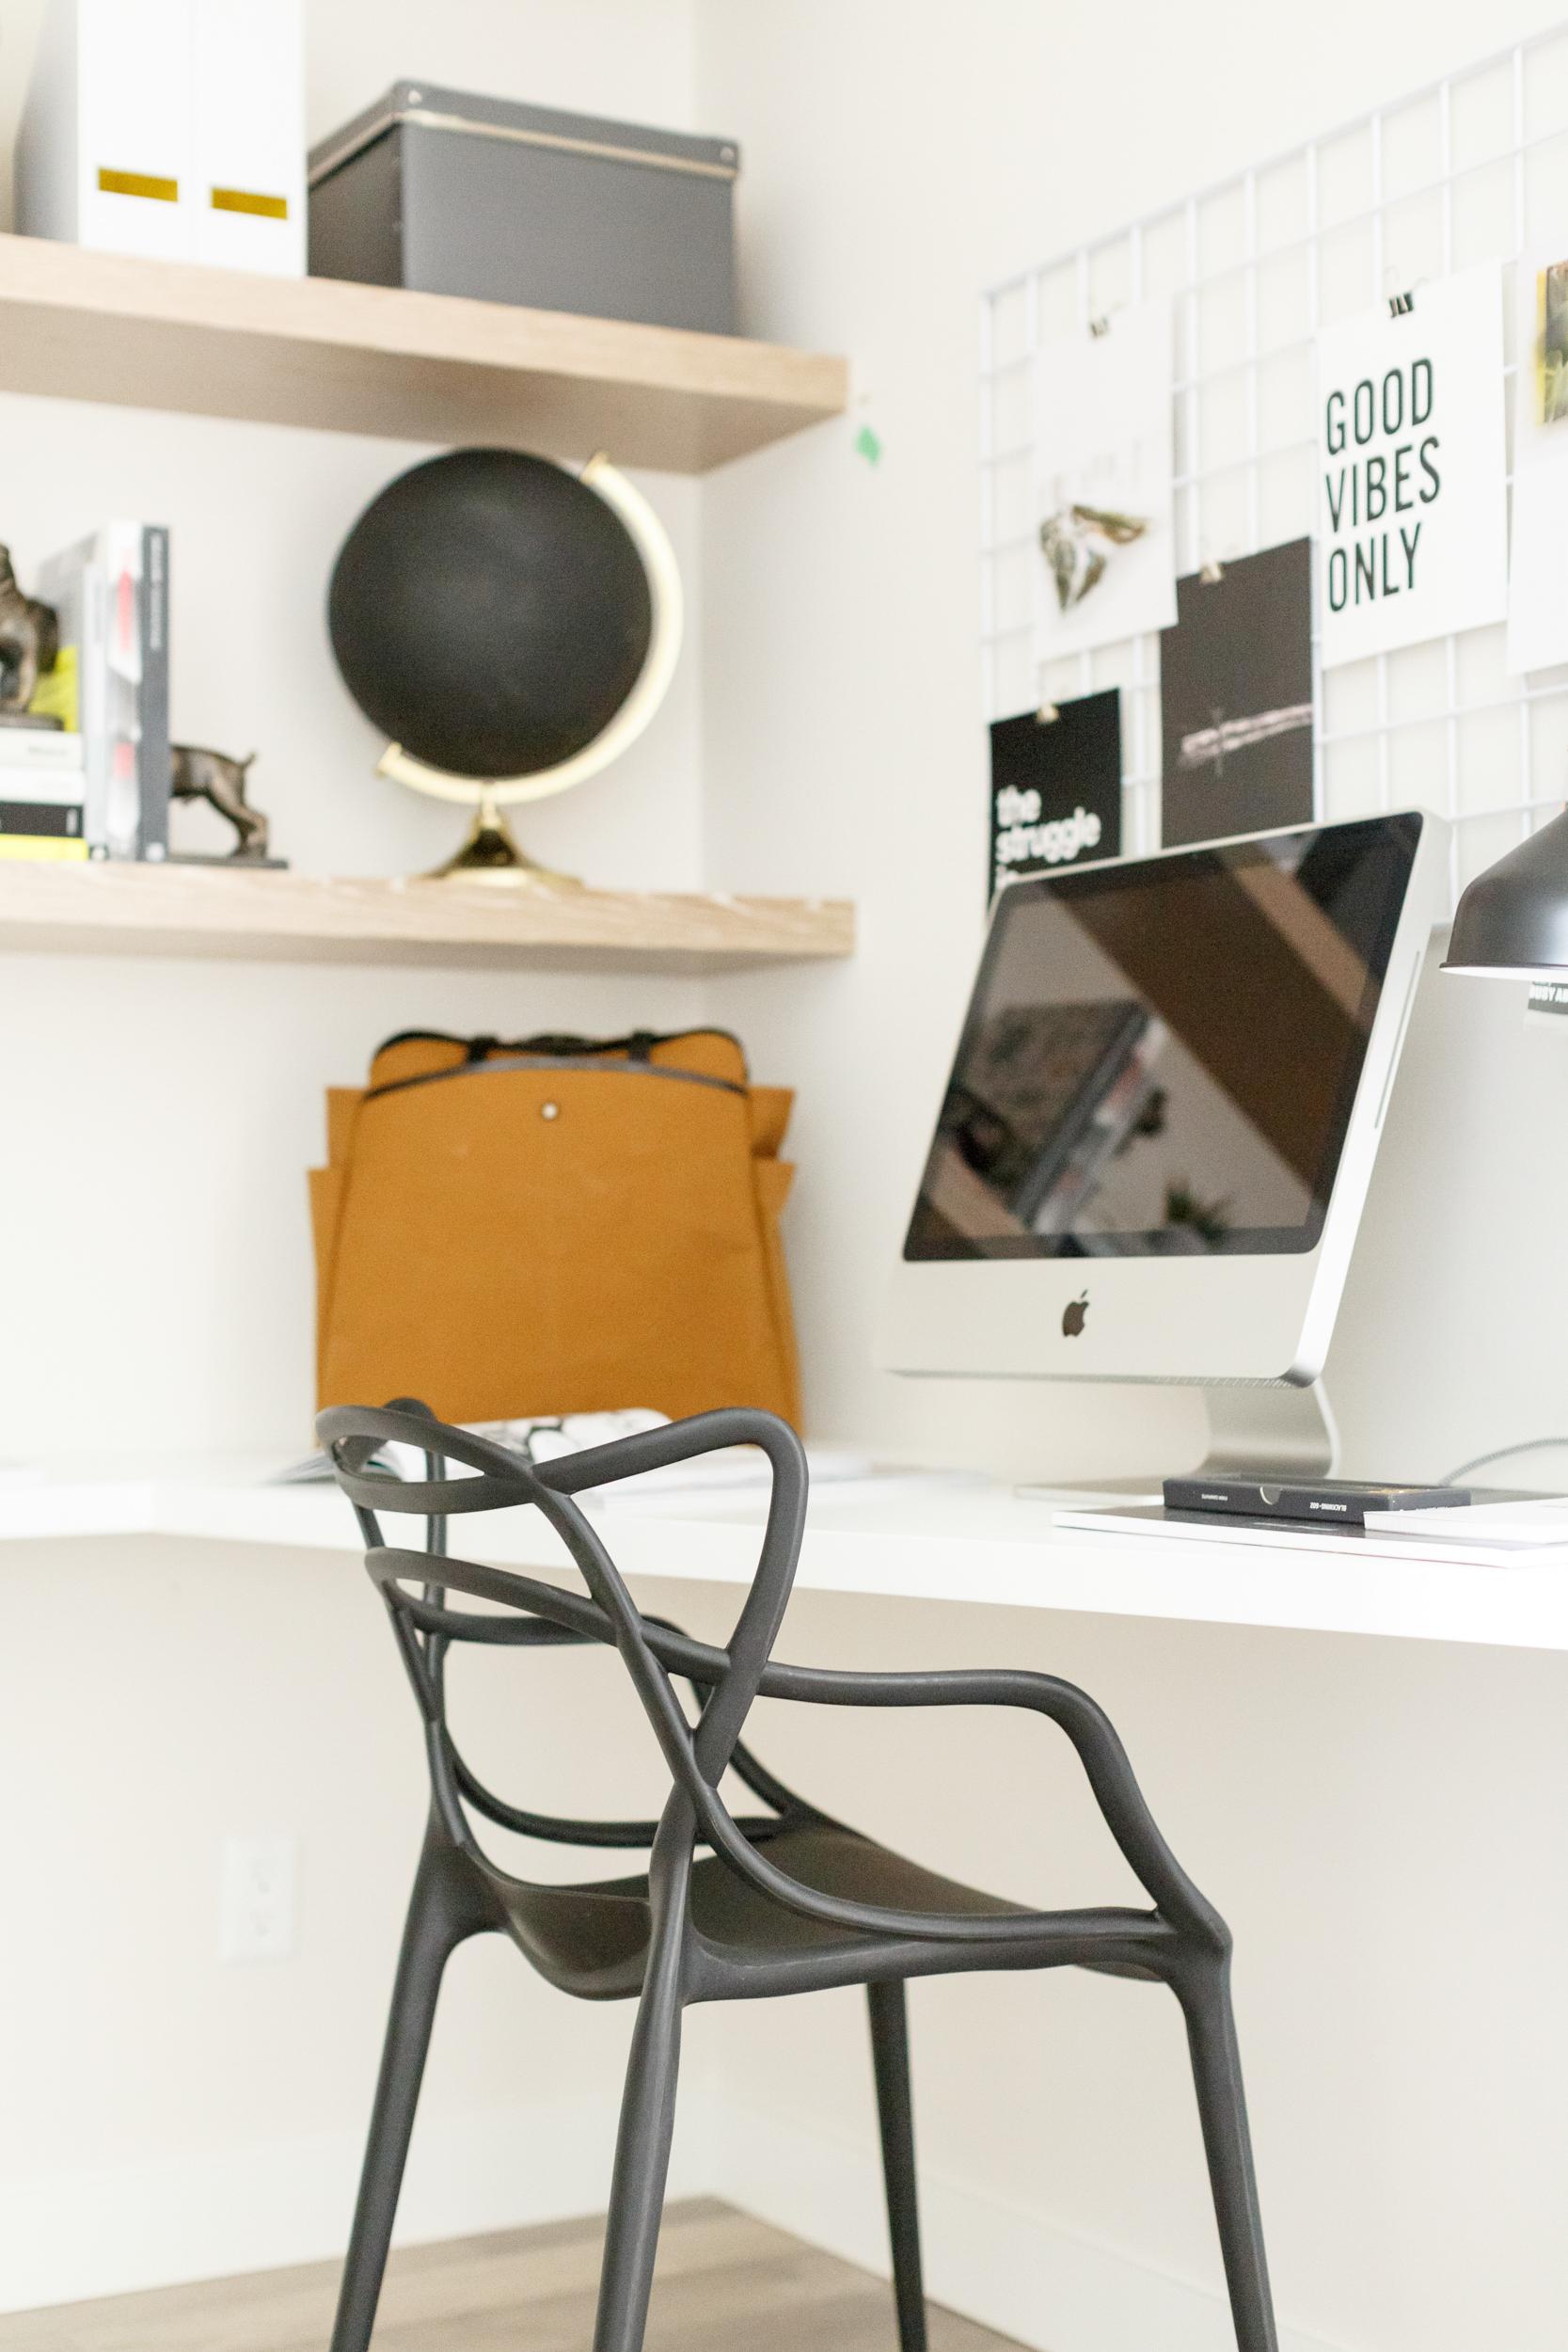 designreflektor-editorial-commercial-photopgraphy-vancouver-0259.jpg